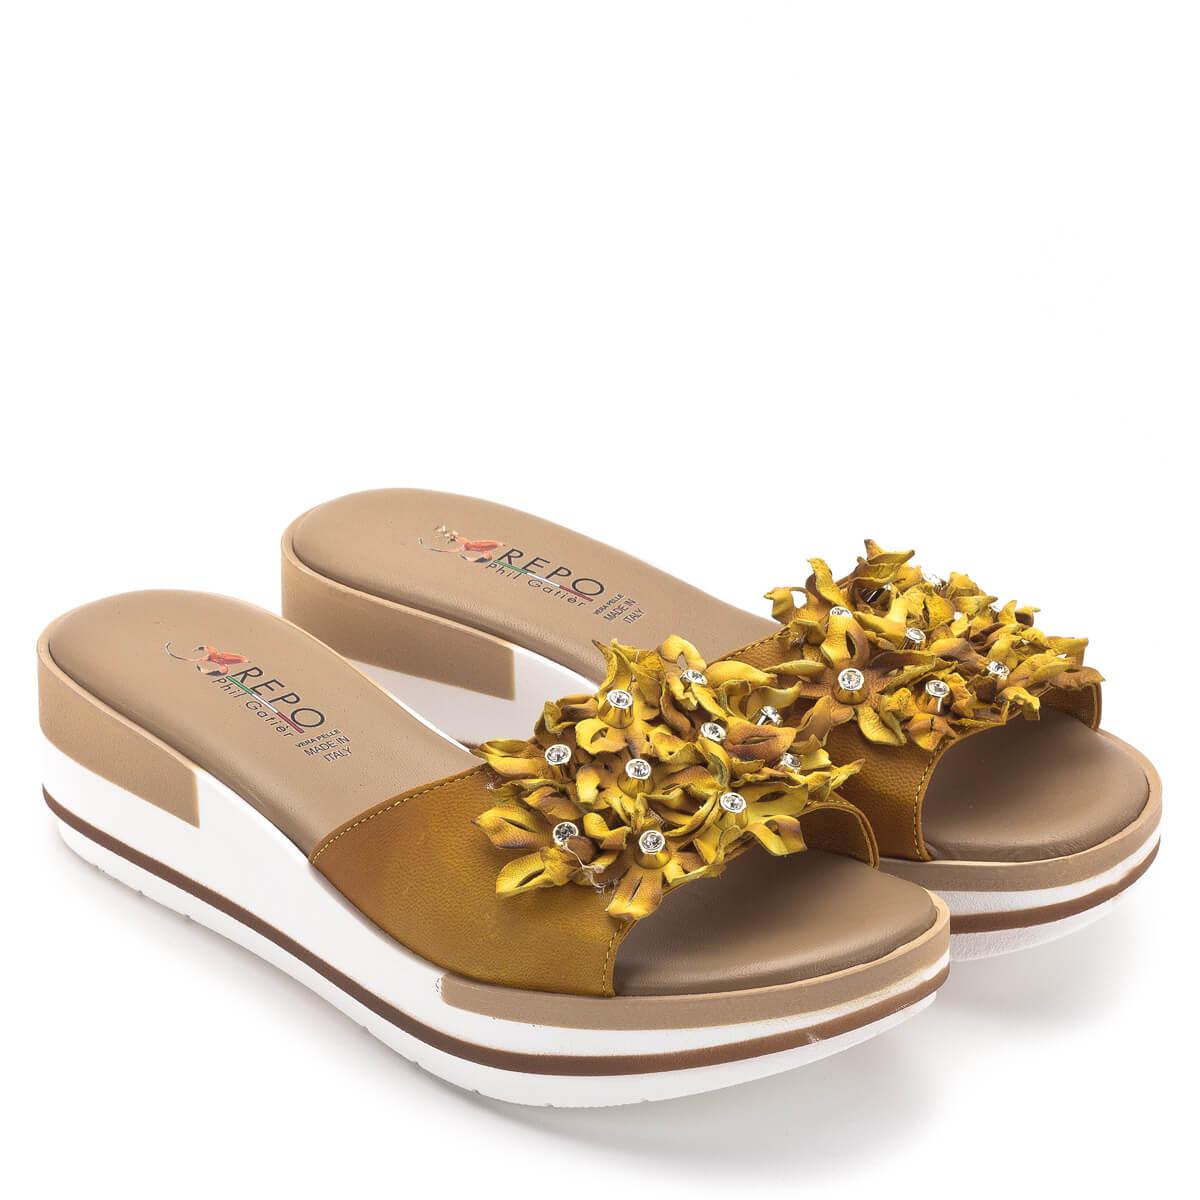 7f5fcc2c19 36-os női cipők - Márkás cipők online, házhoz szállítva